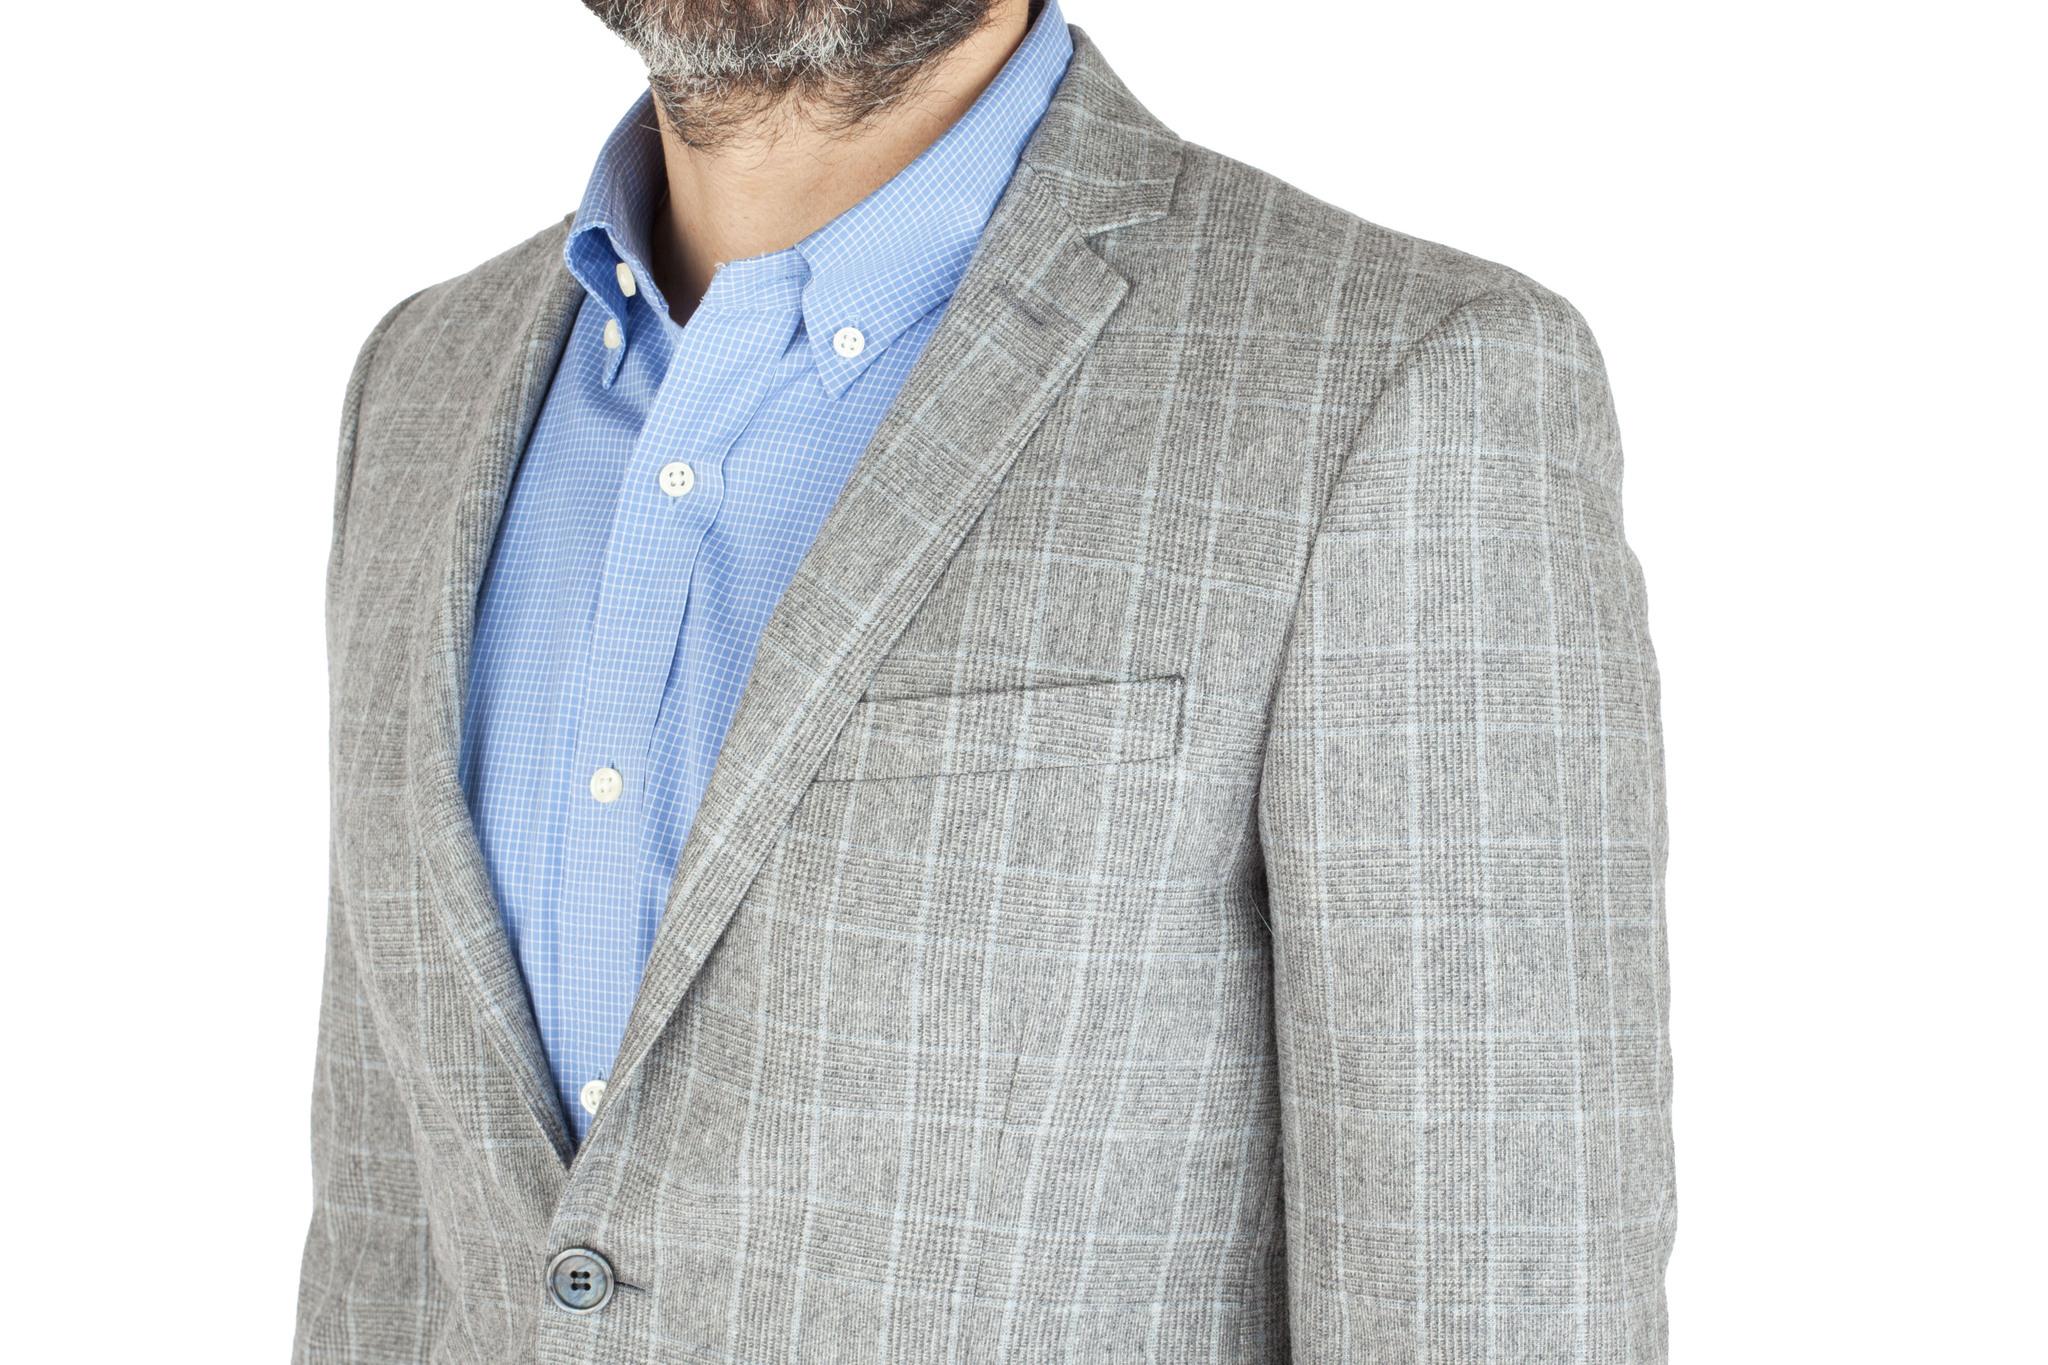 Светло-серый костюм в клетку «Принц Уэльский» из 100%-ной шерсти, нагрудный карман